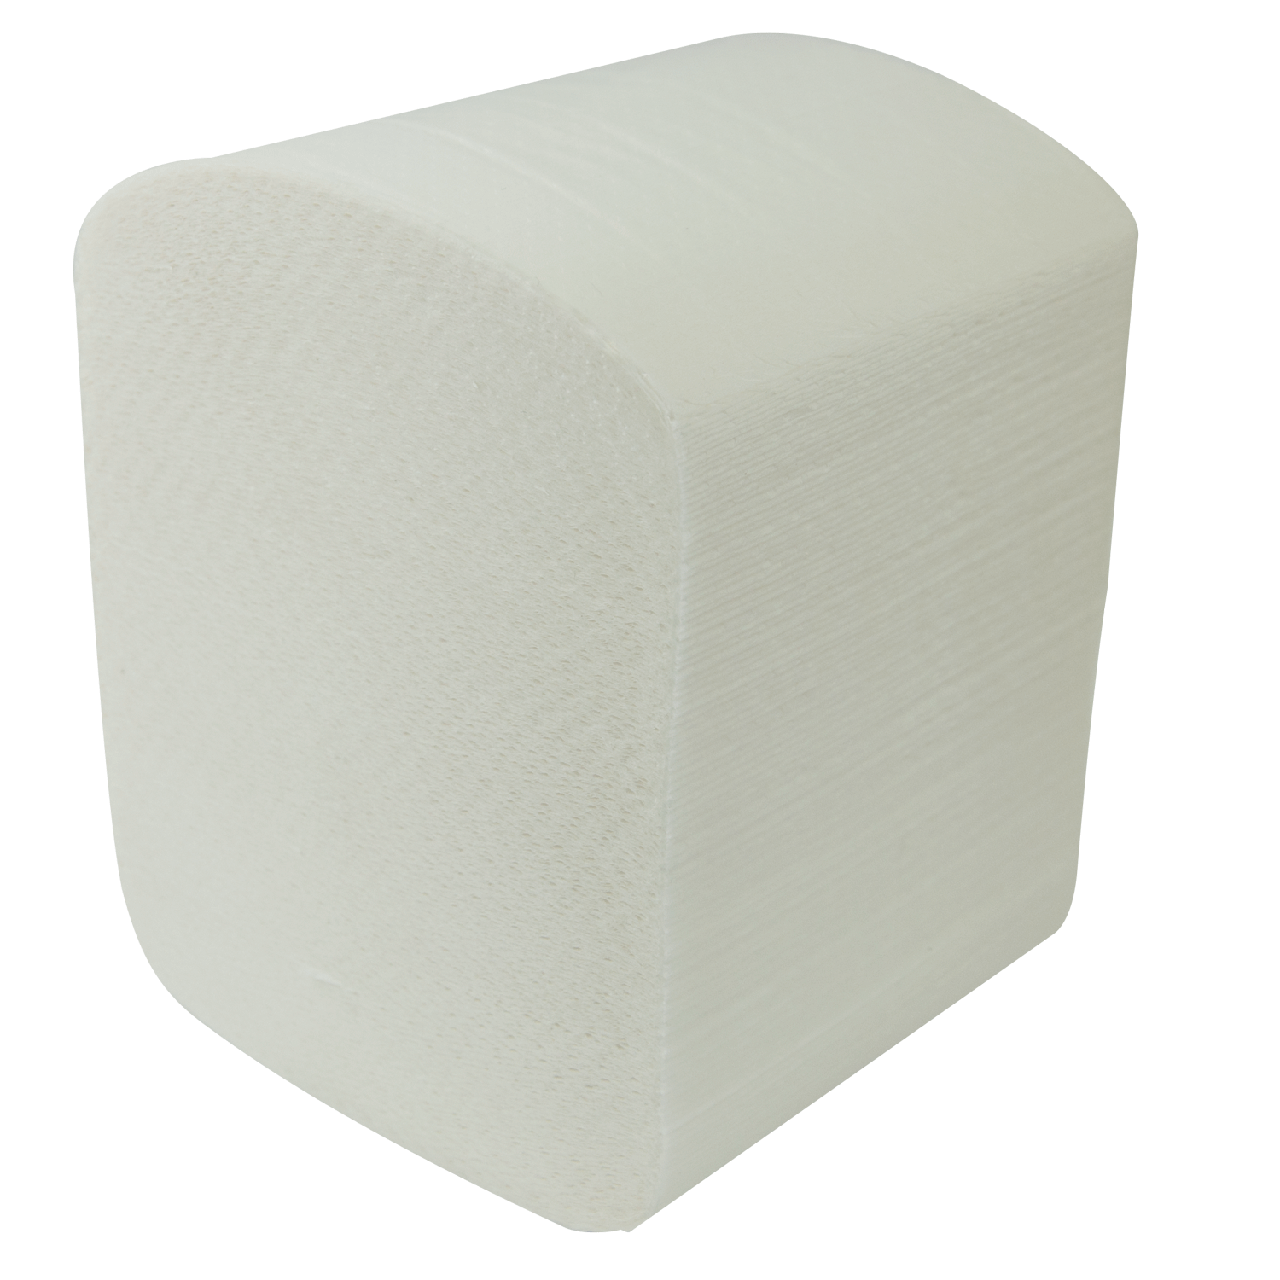 Бумага туалетная листовая целюлоз., 2-х сл., 150шт. белый